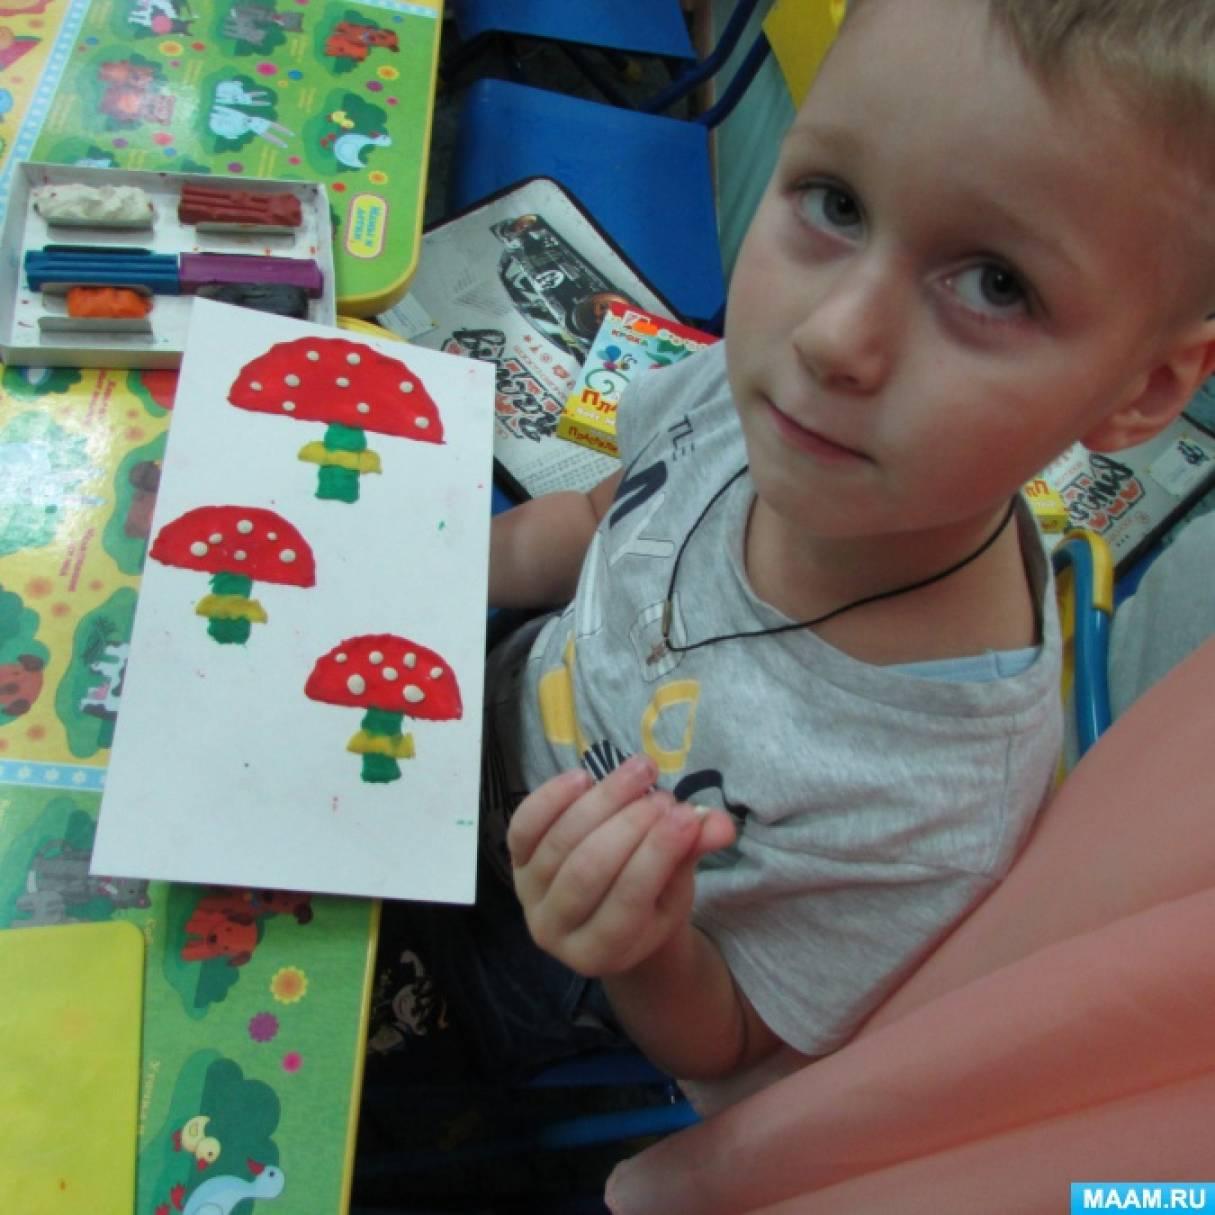 Конспект занятия по развитию речи с использованием пластилинографии «Осенние дары леса — грибы» для детей старшей группы